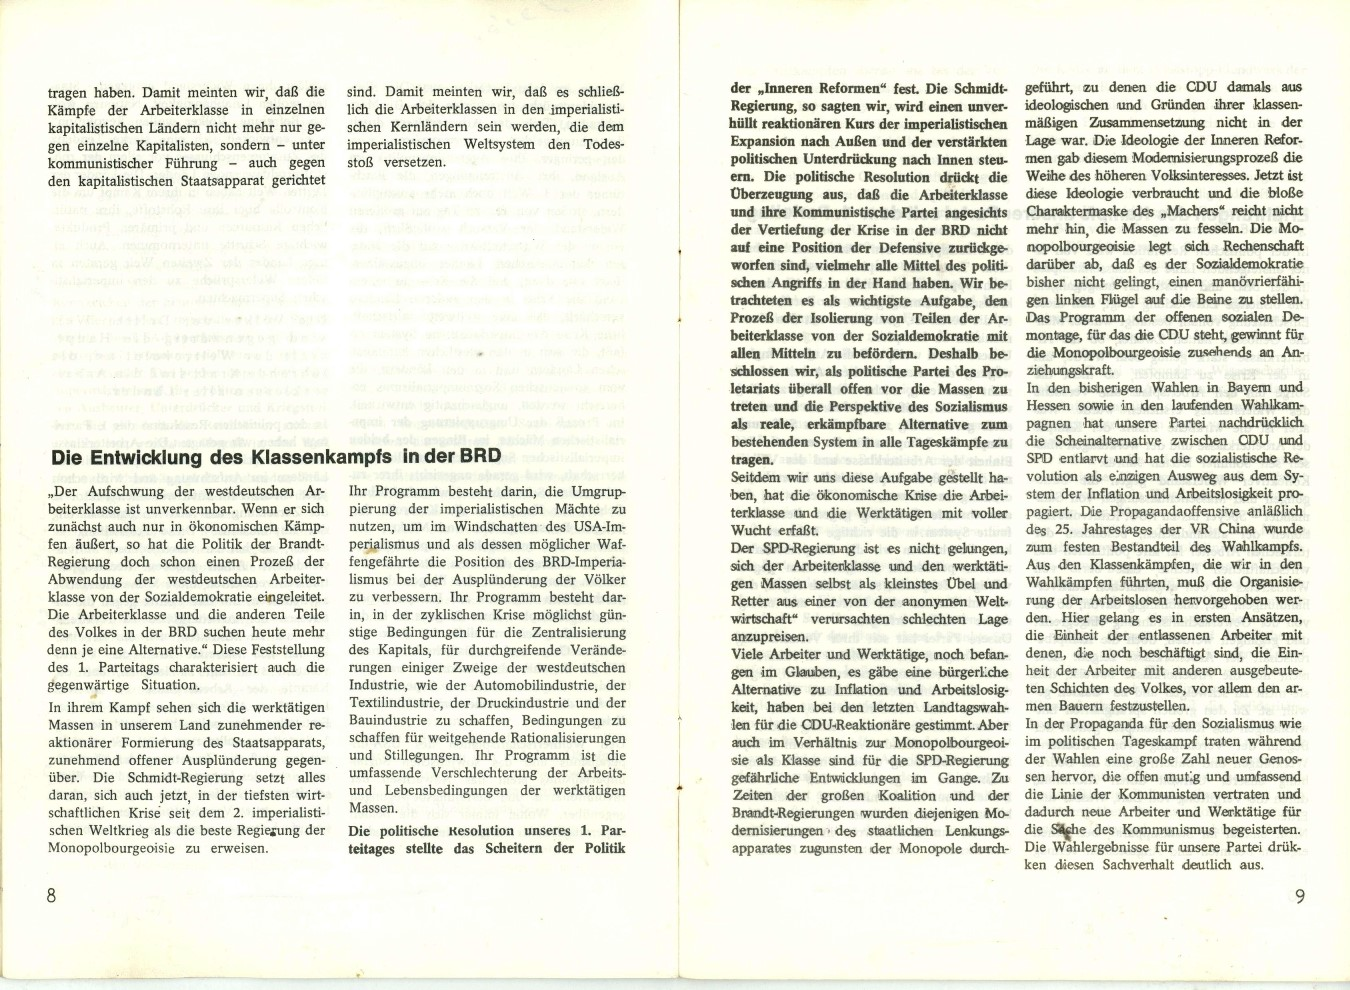 KPD_Entschliessungen_19750200_06